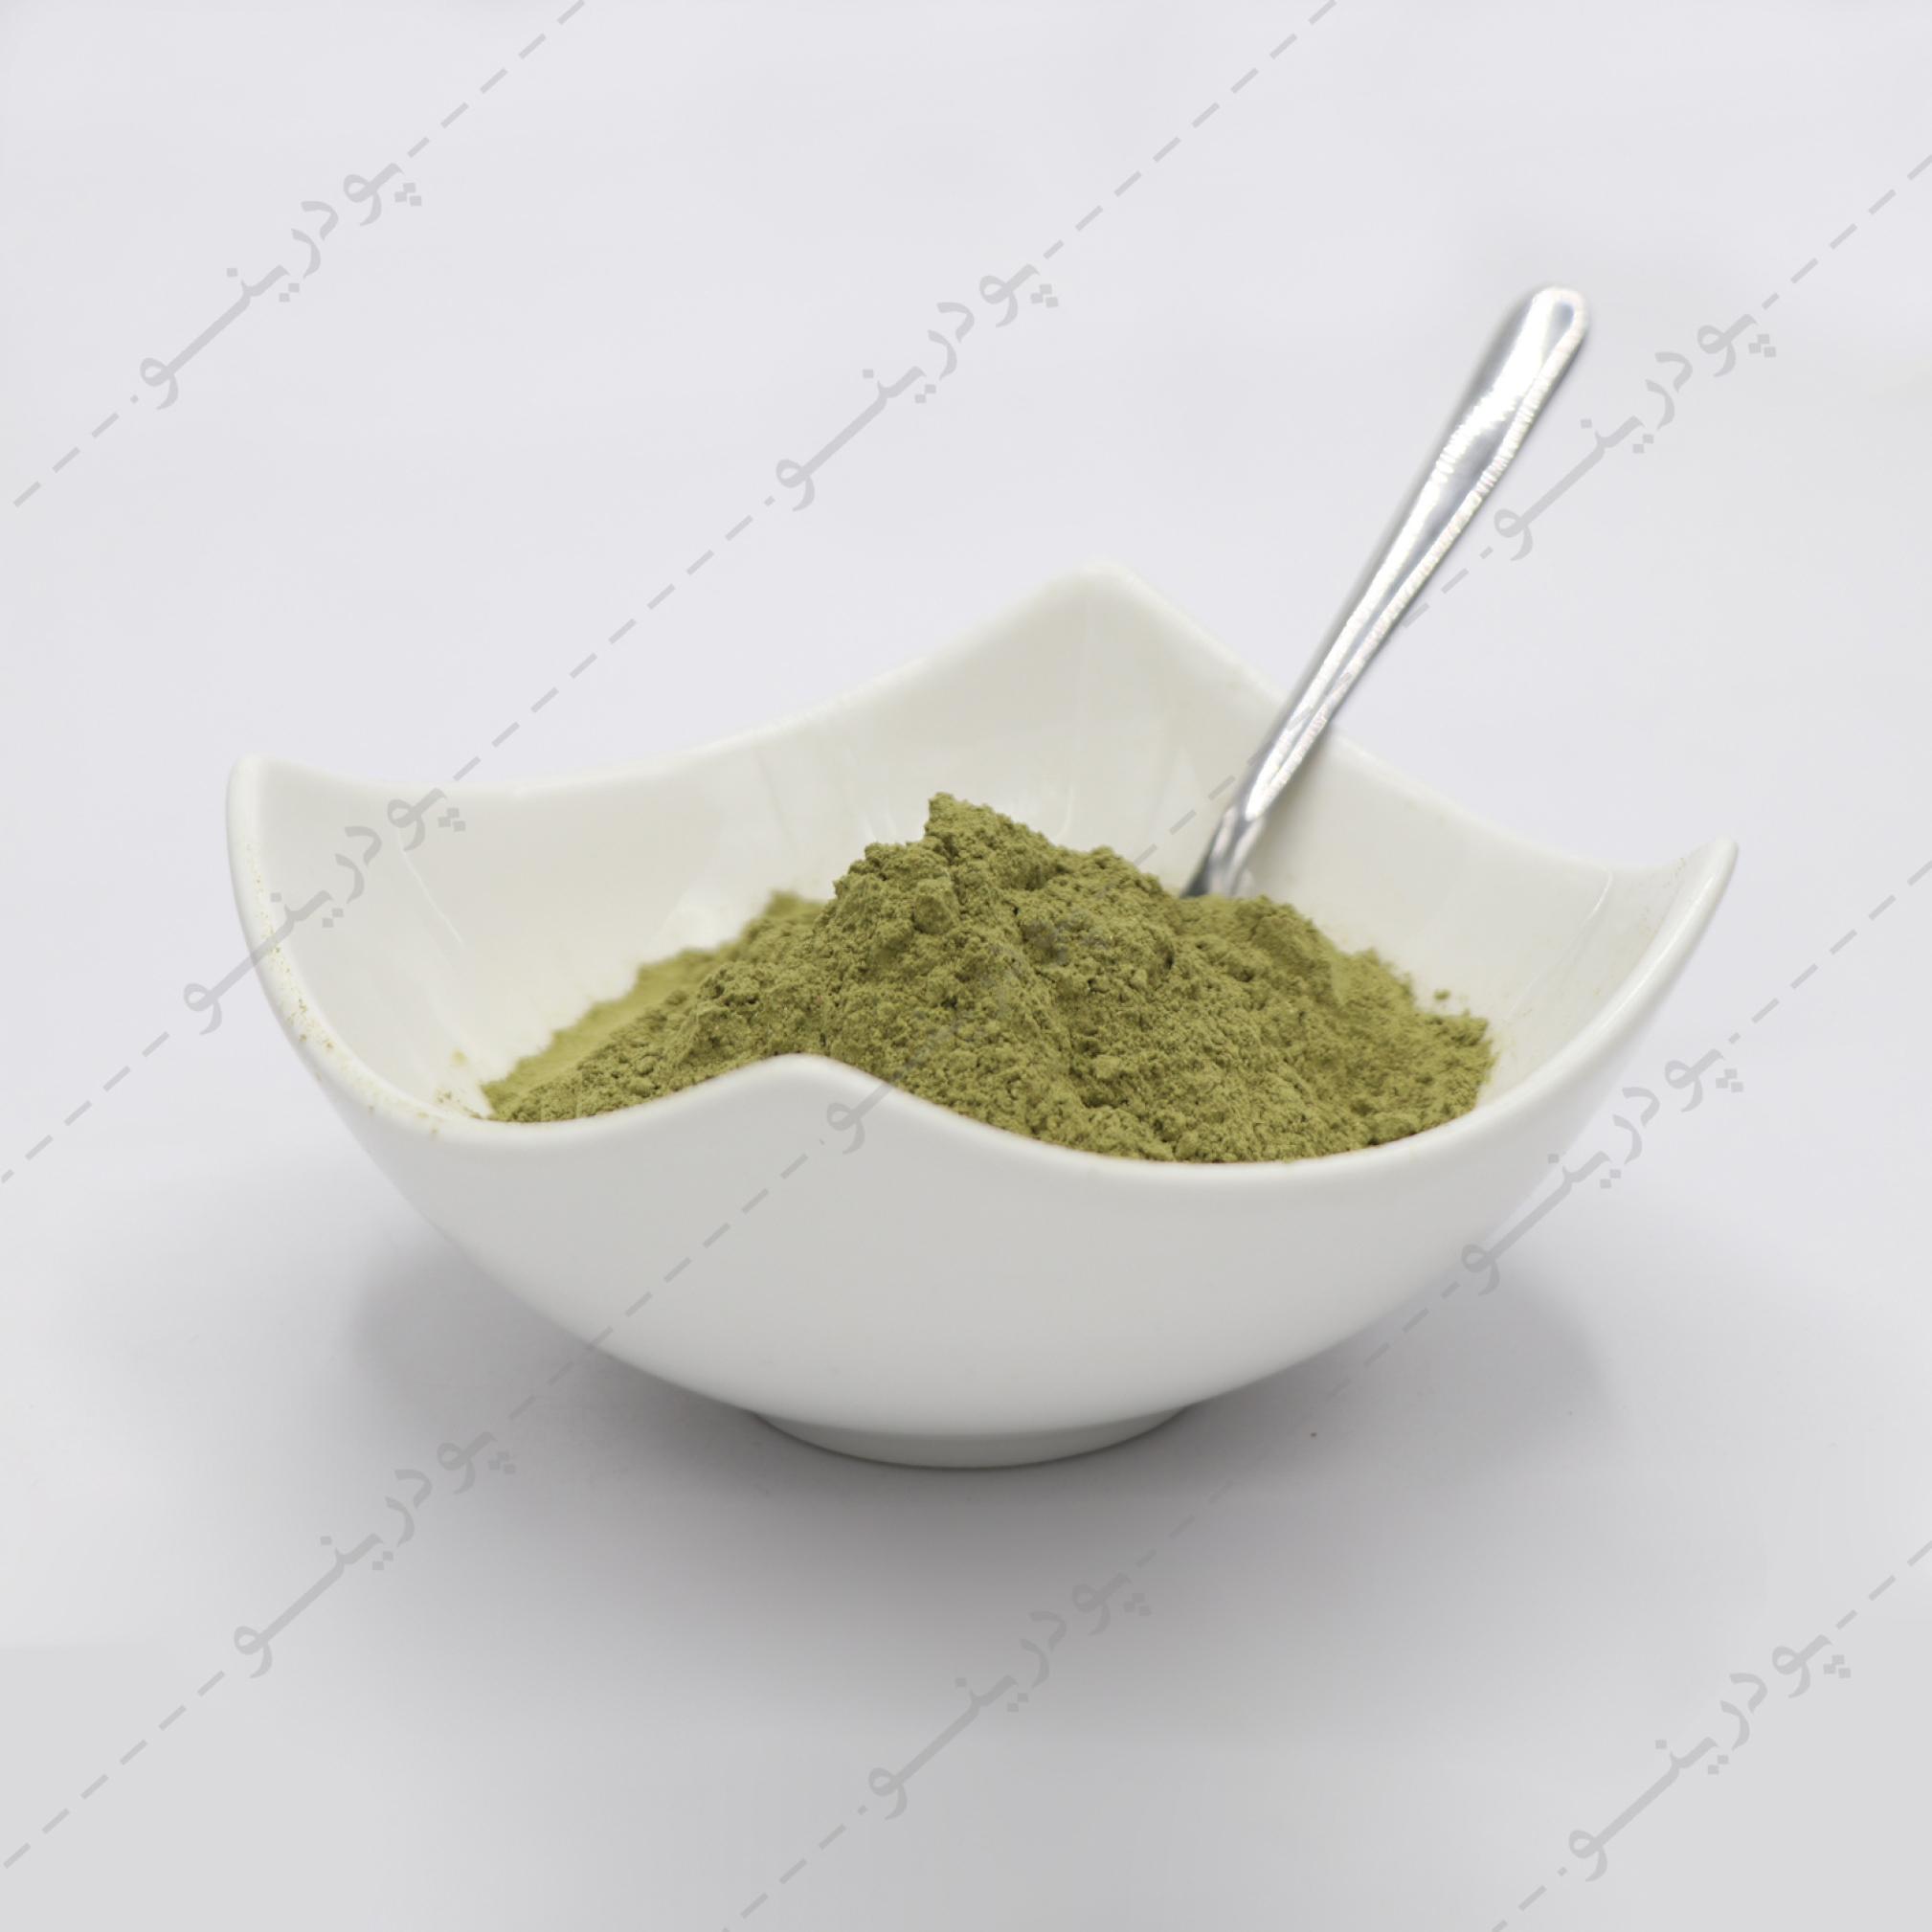 رنگ گیاه مورینگا